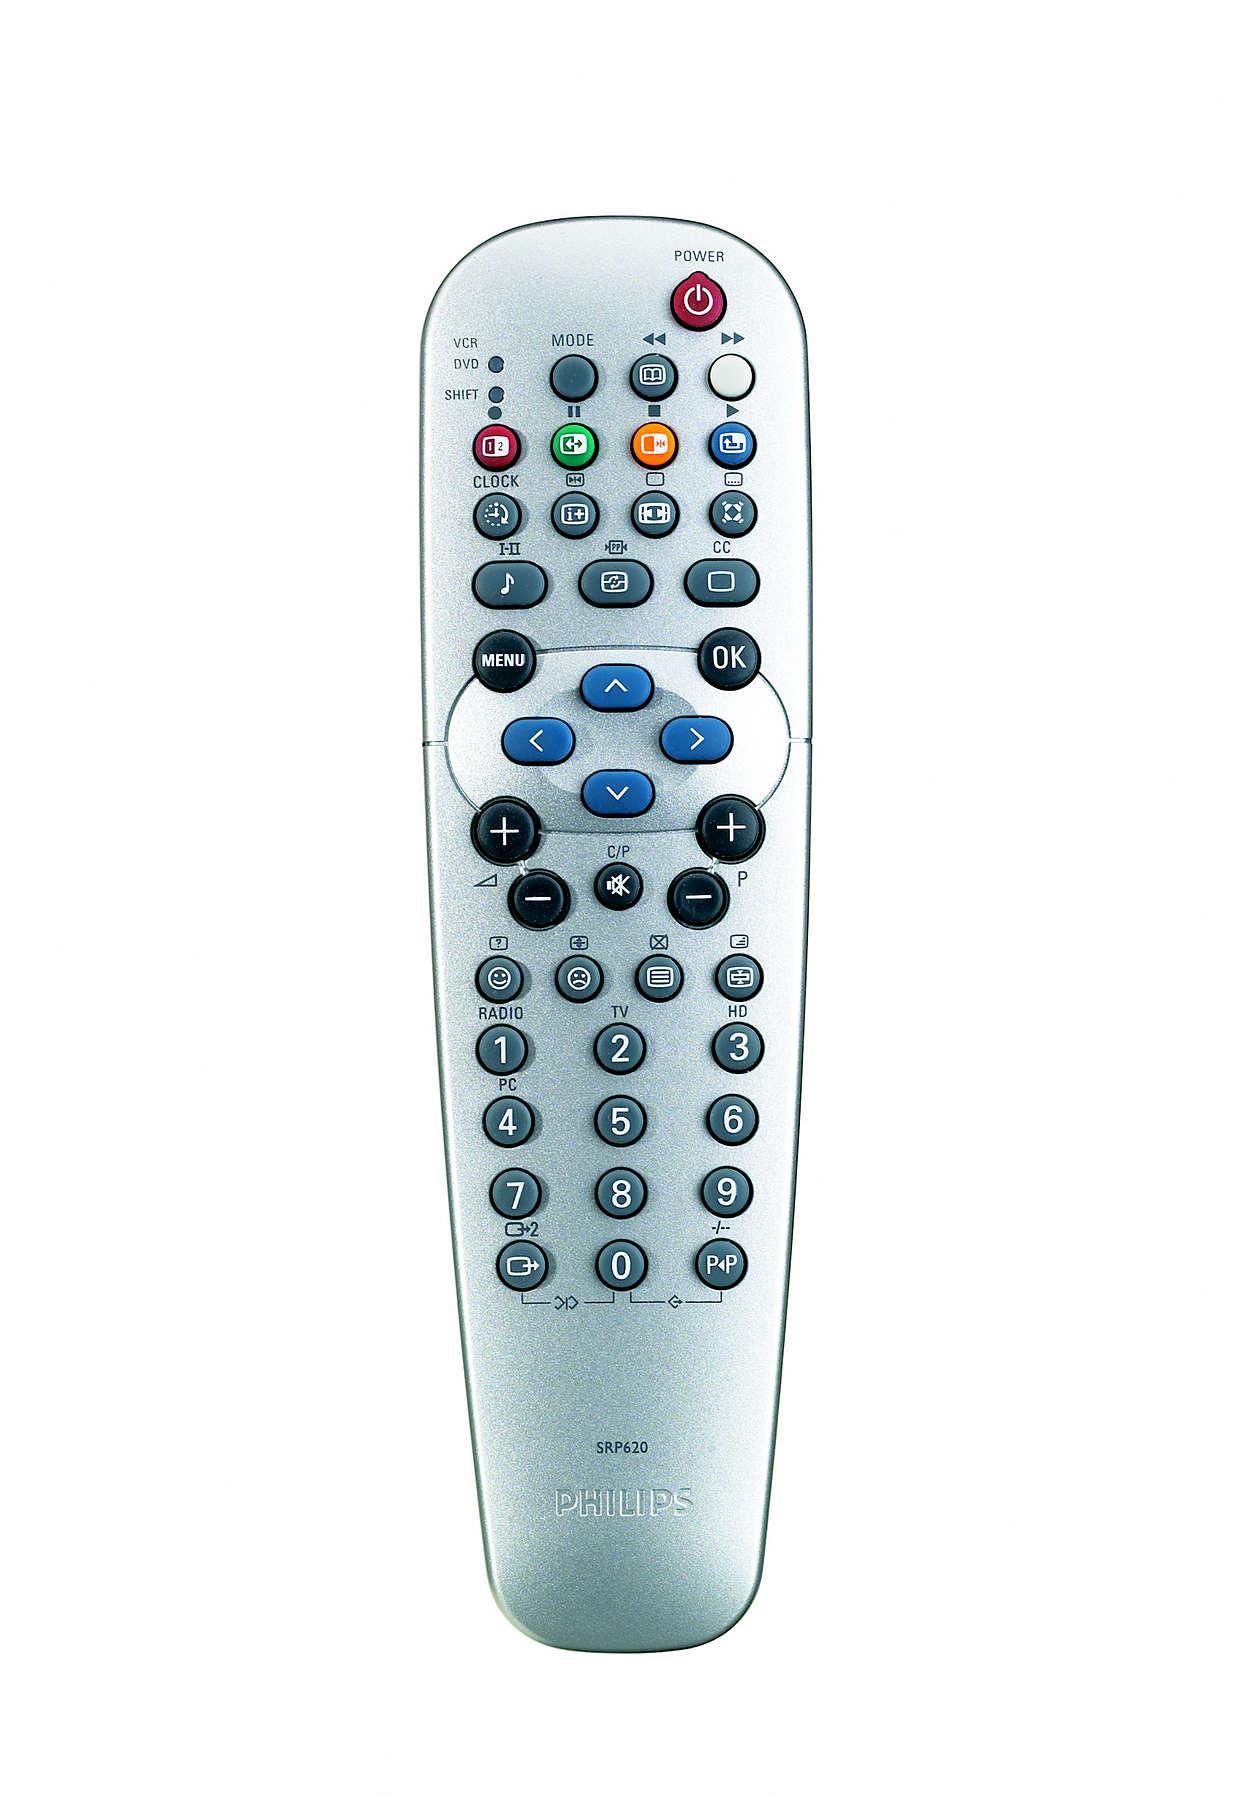 Σας δίνει ξανά τον έλεγχο της τηλεόρασής σας